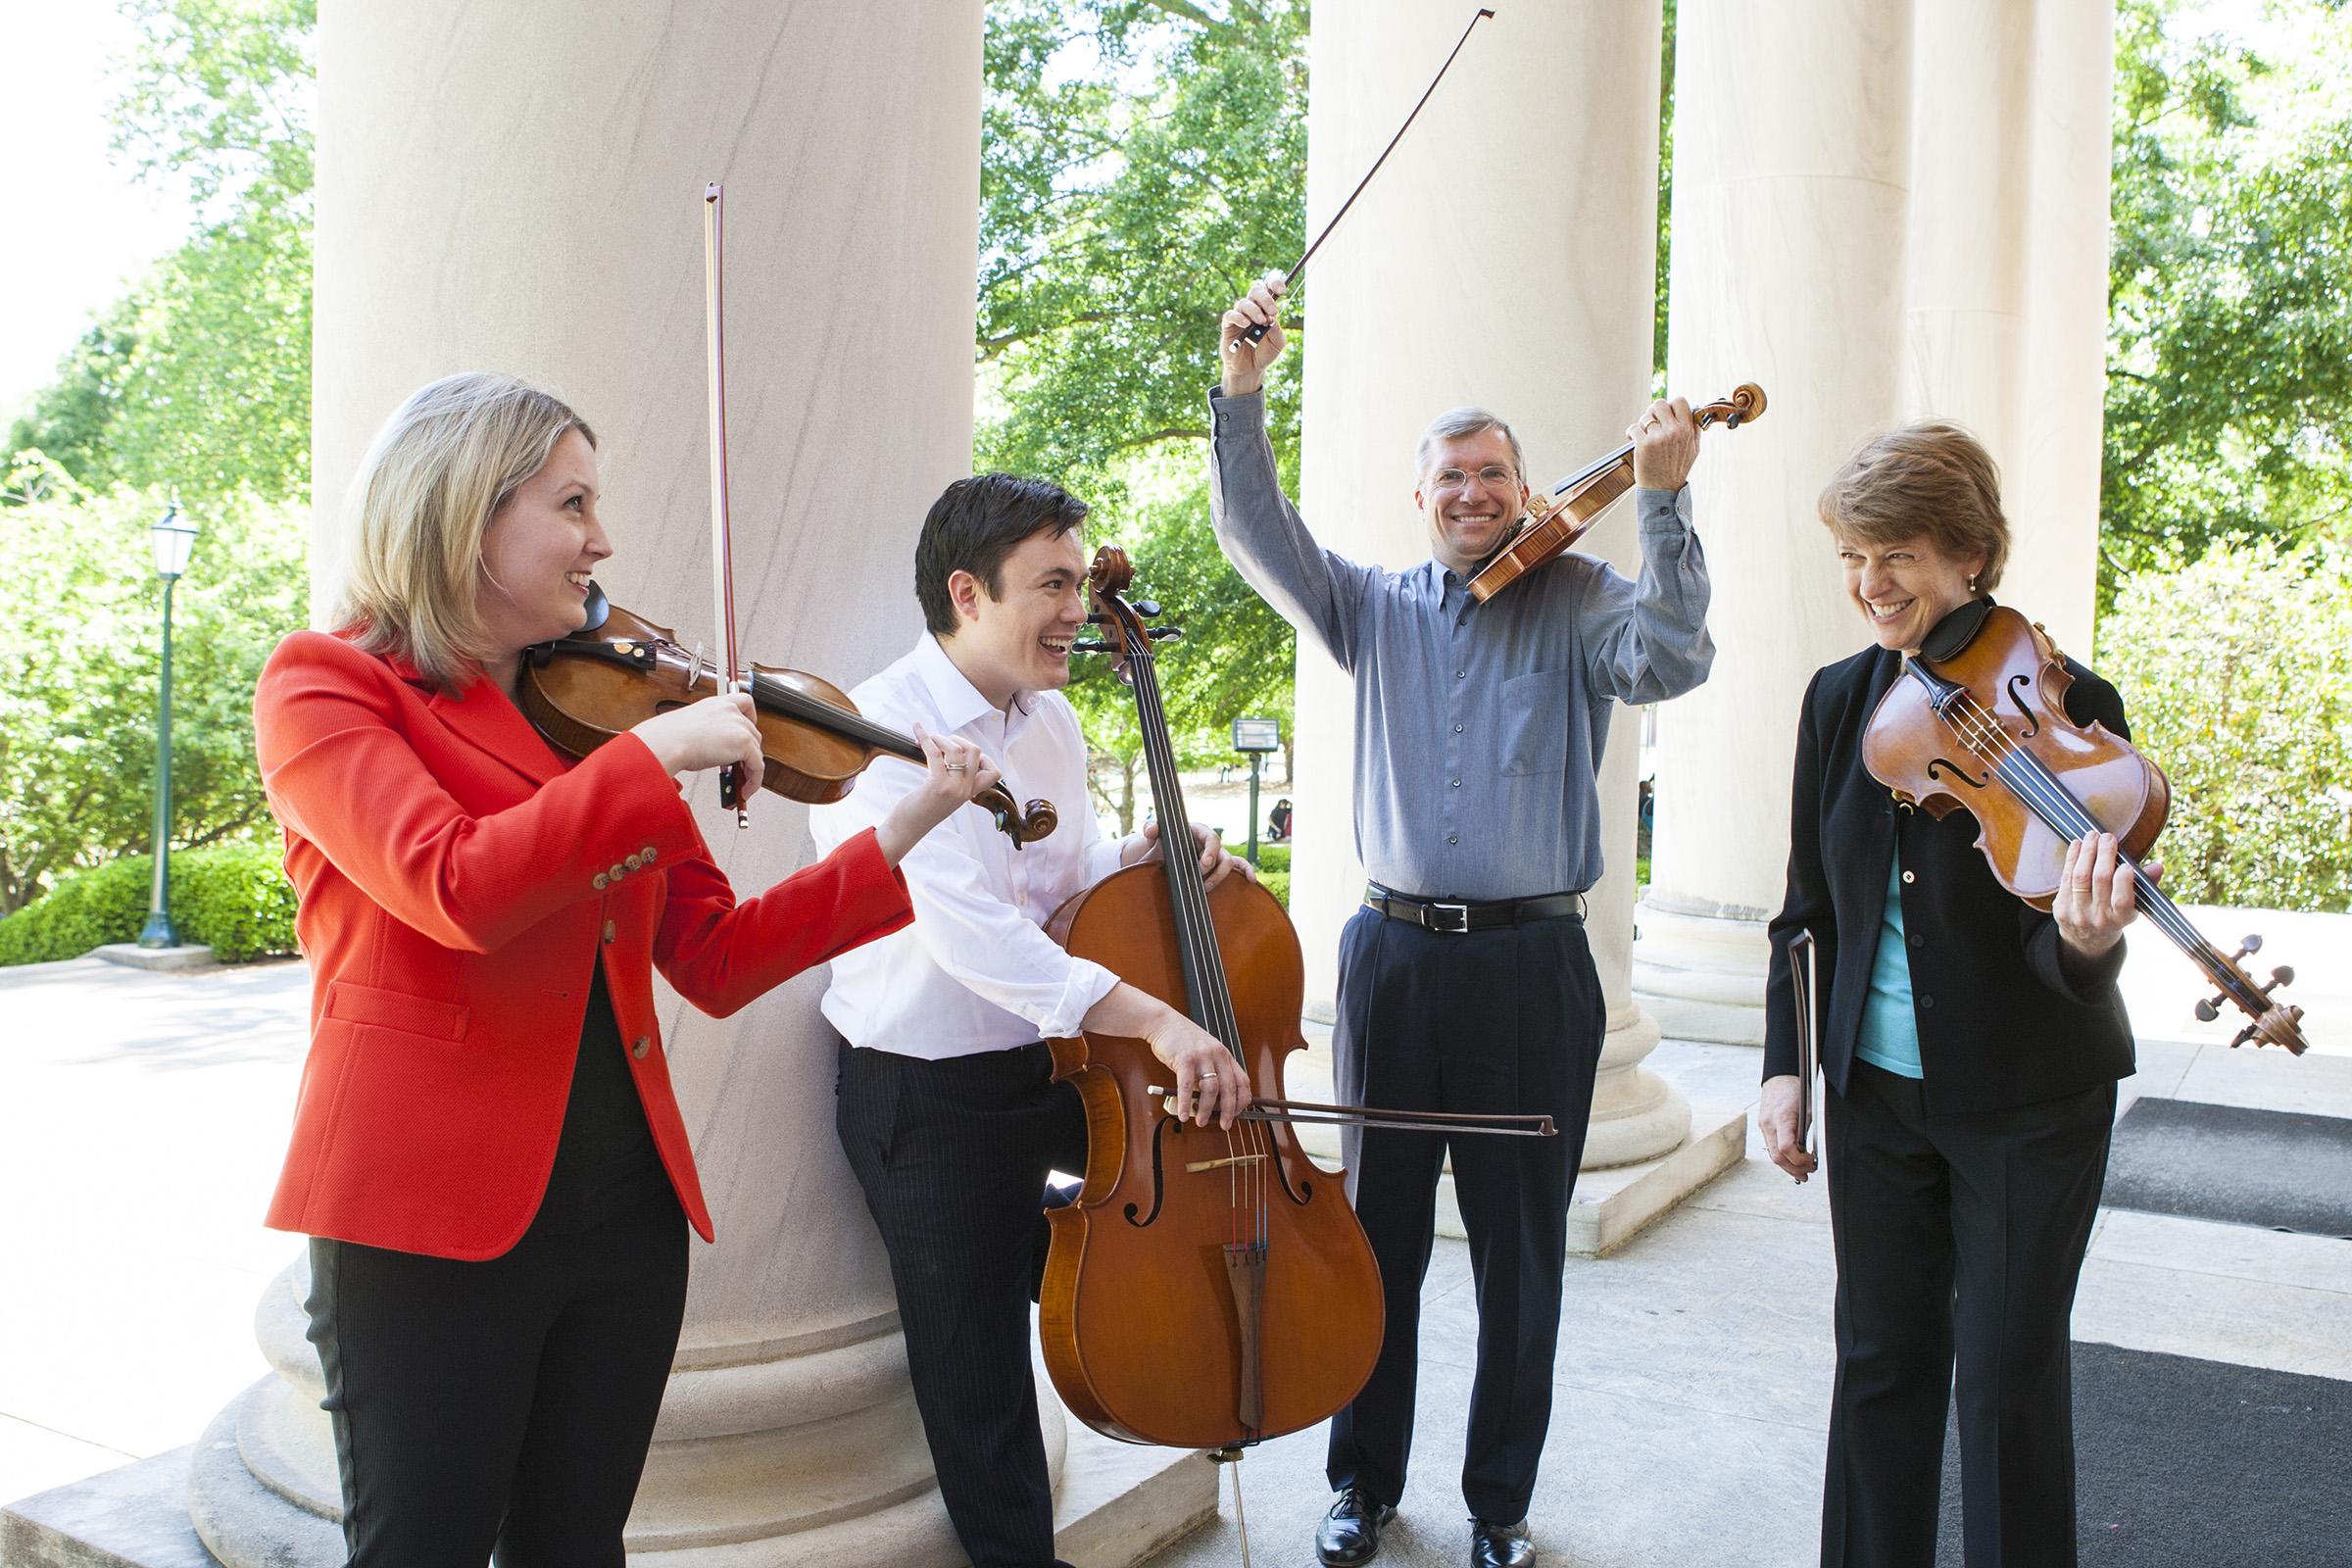 Members of the Samford String Quartet